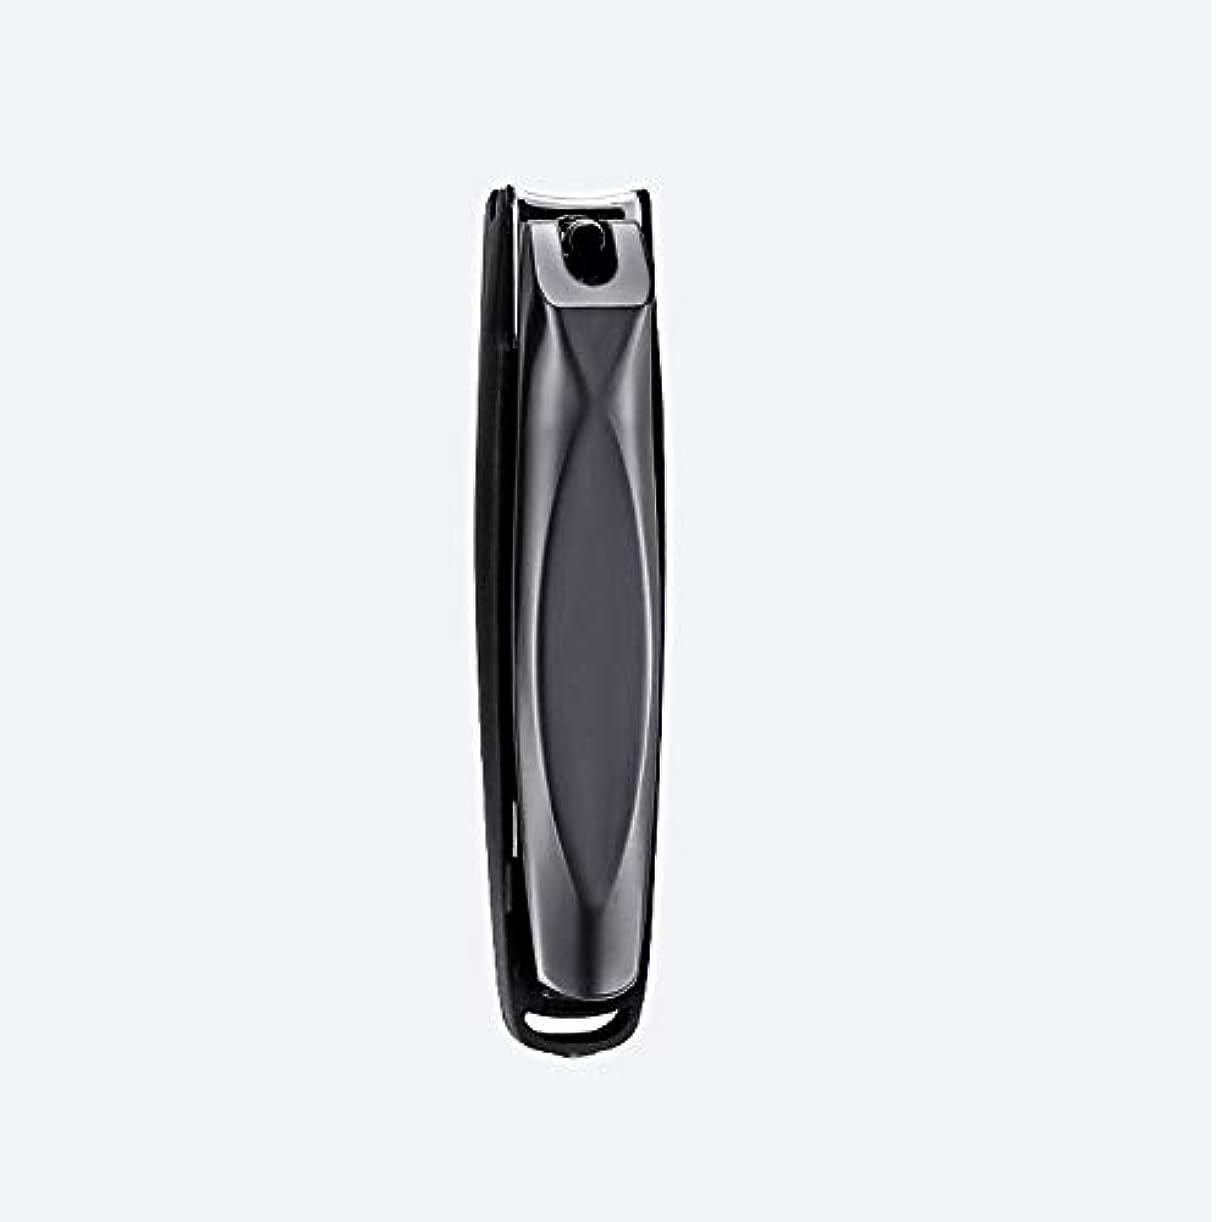 願望崩壊経験ネイルクリッパーセット、爪&足の爪切り、大人のための耐久性のある鋭いステンレス鋼のネイルカッター Blingstars (Size : 7.5cm)